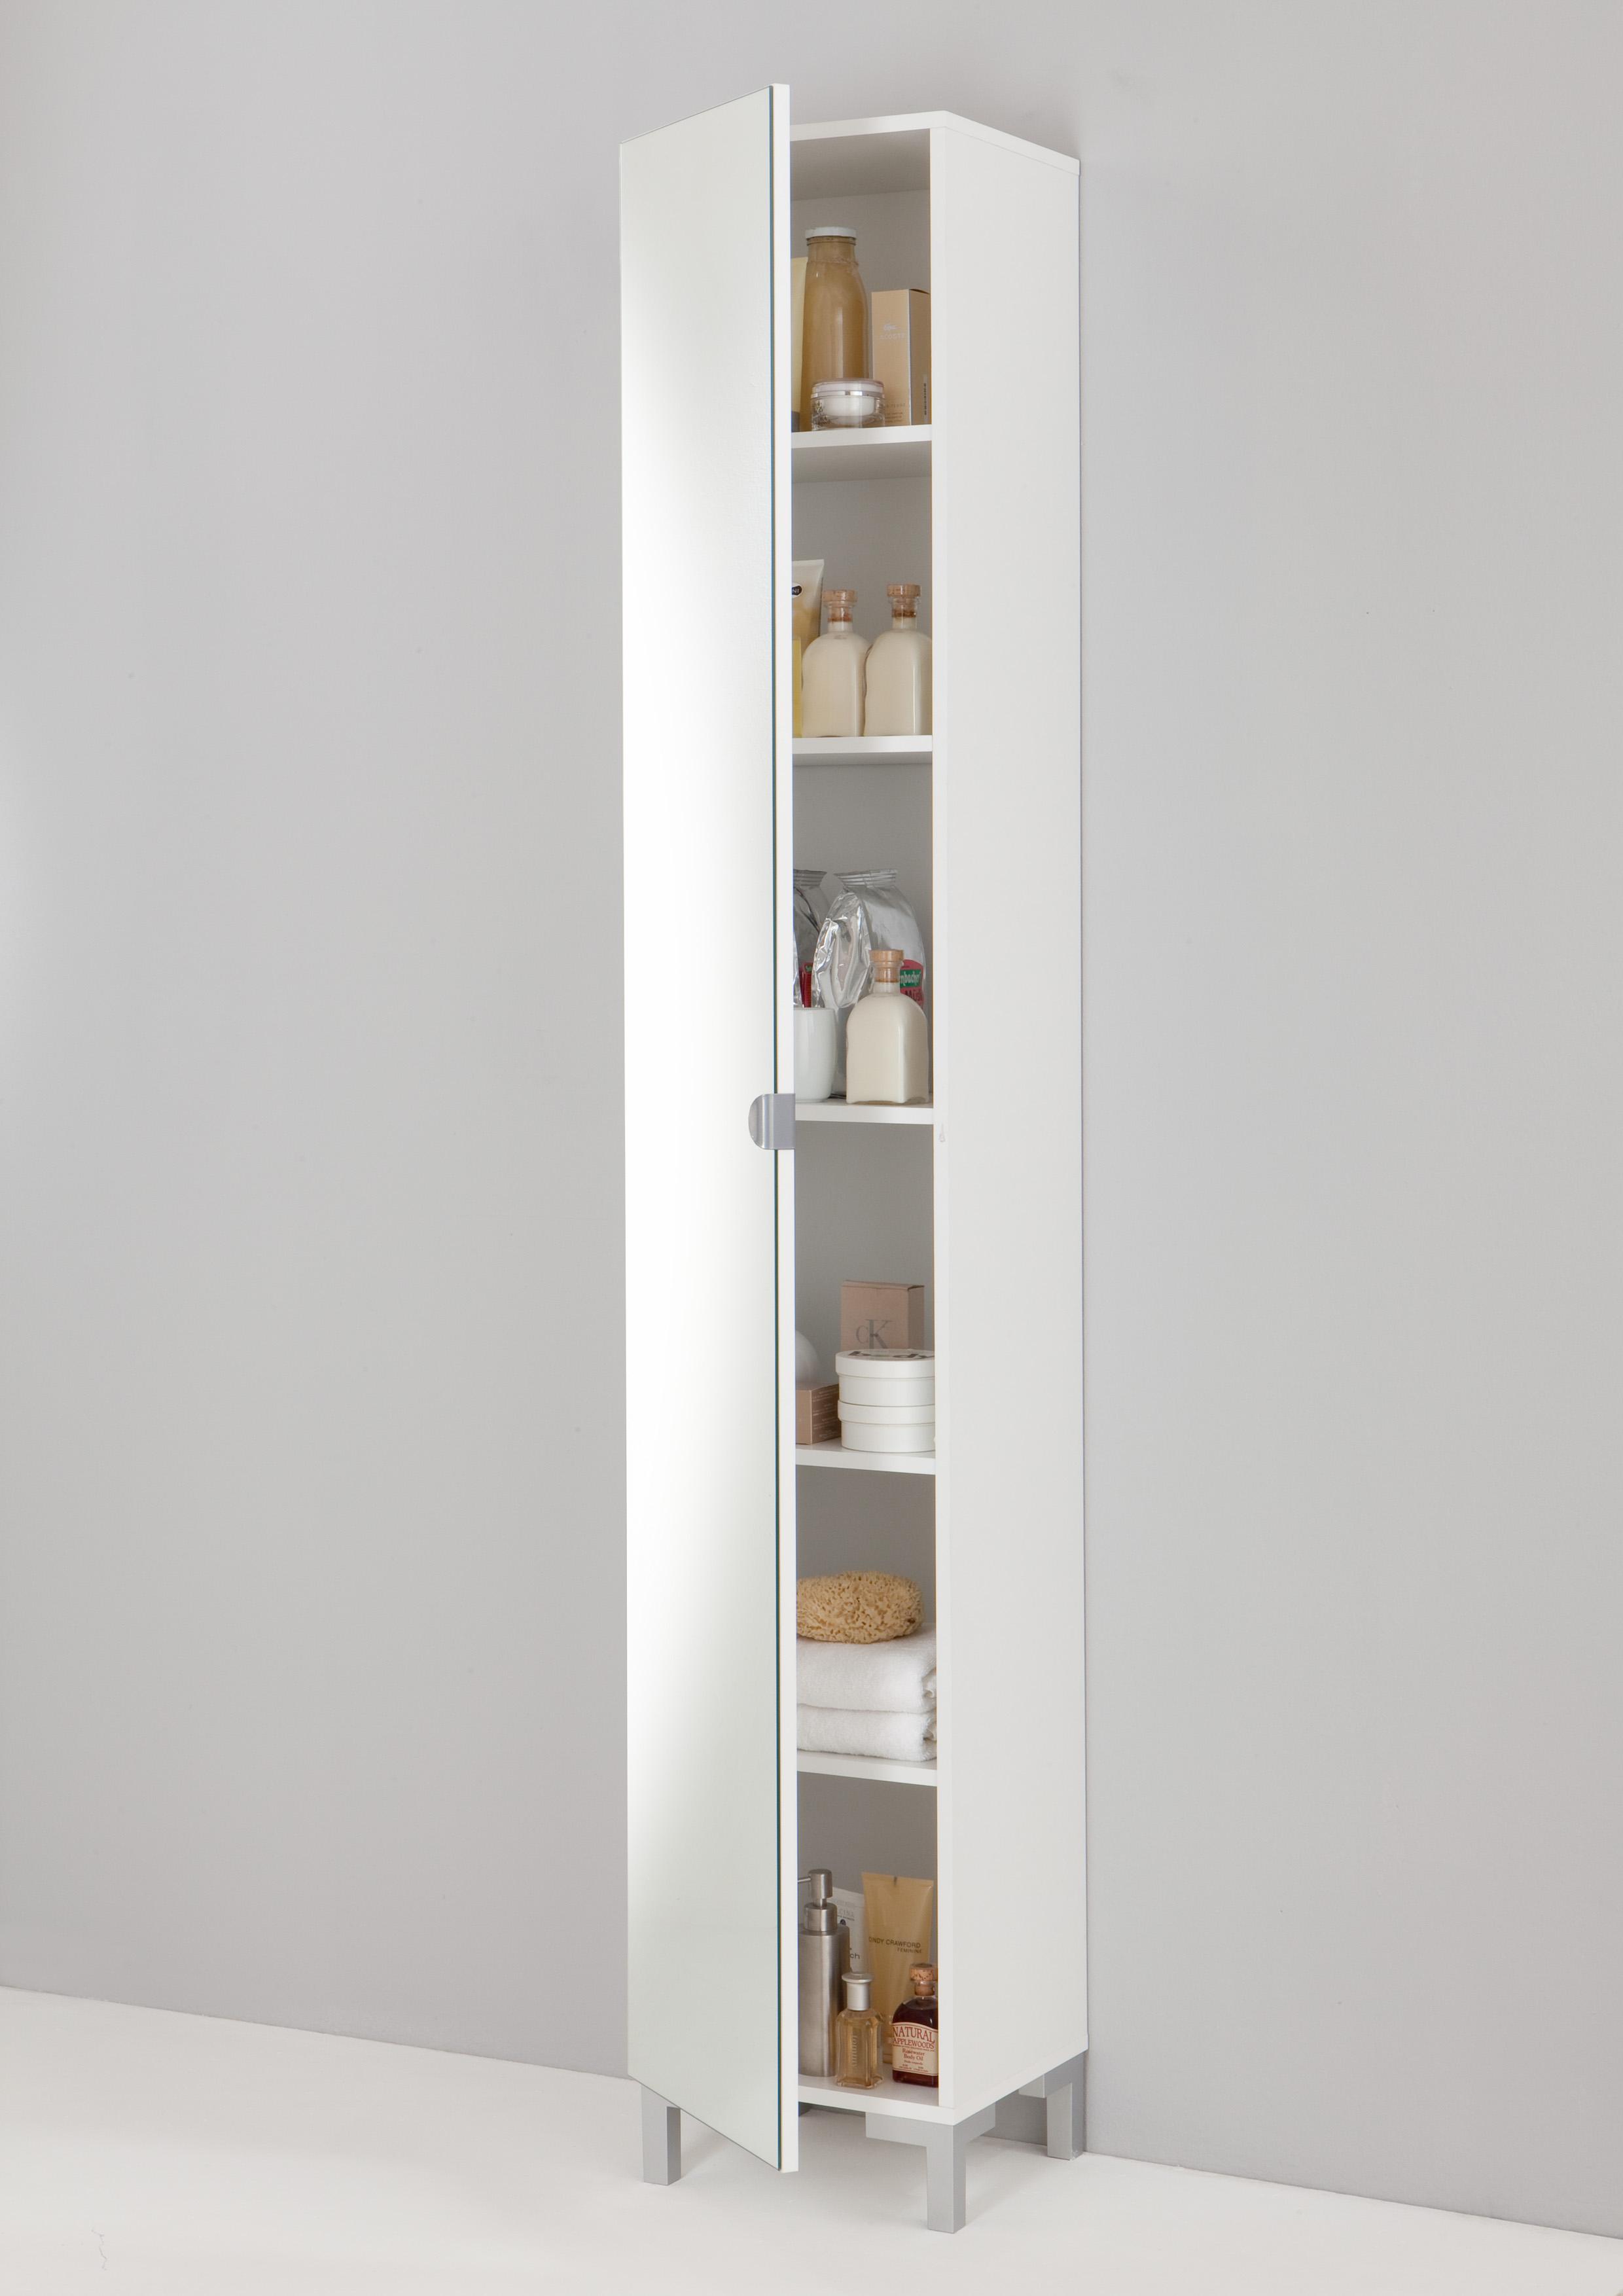 bad-spiegelschrank tarragona weiß weiß   b/h/t: 34 / 196 / 32